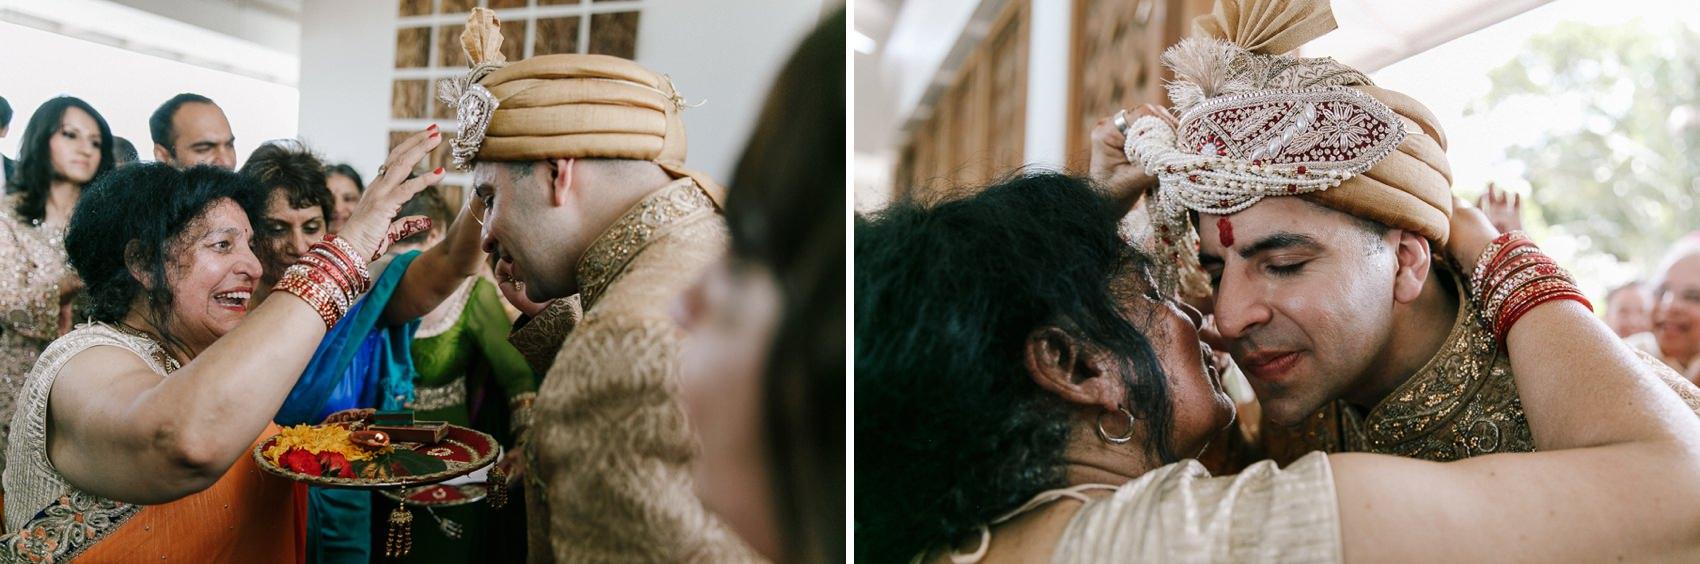 Indian-Wedding-Photography-Maala-Rohan_0202